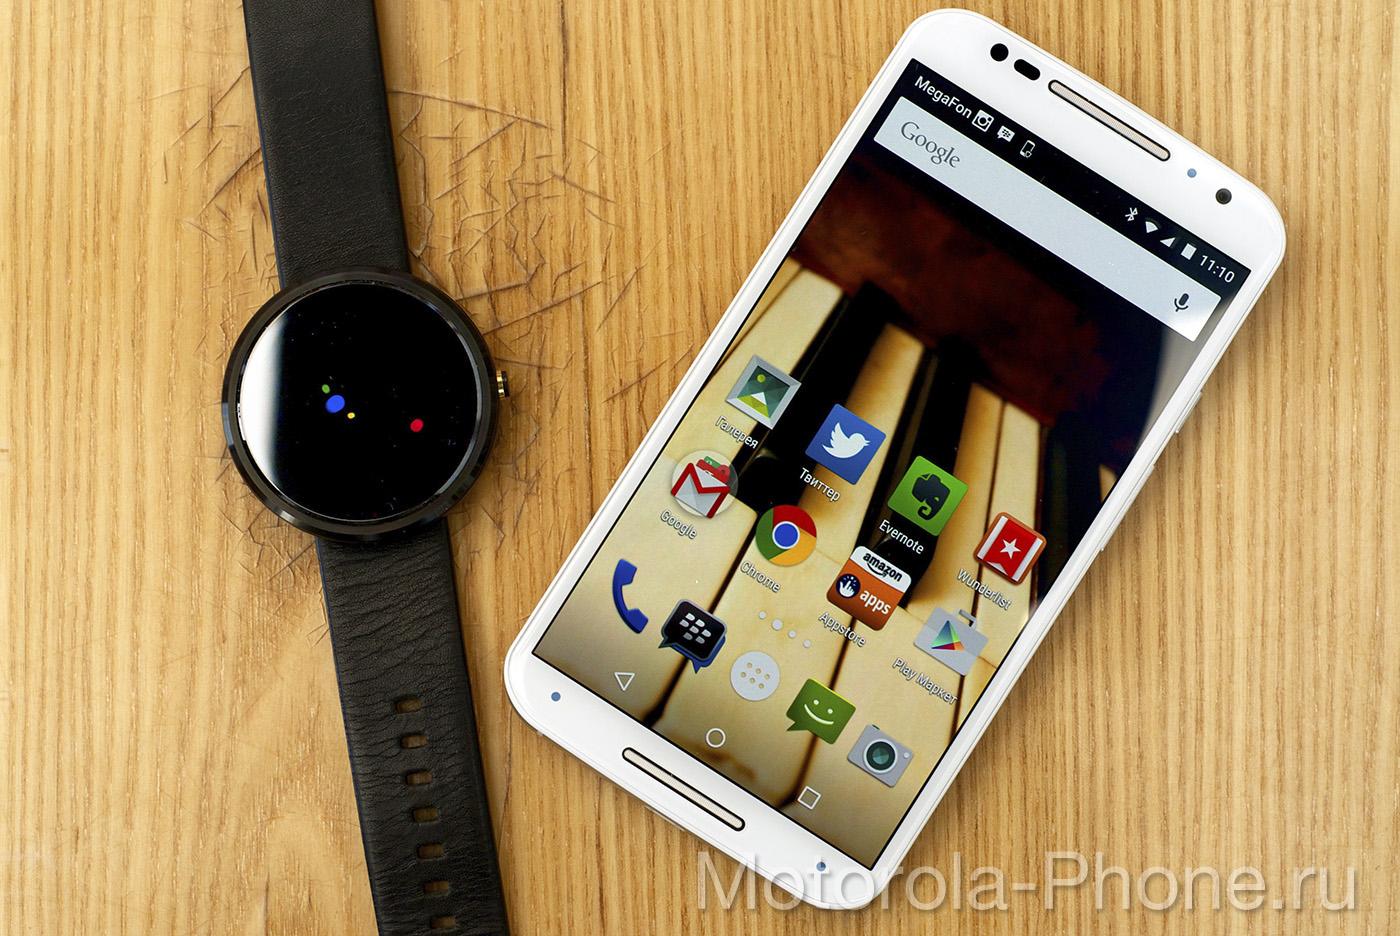 Motorola-Moto-360-Android-Wear-5-1-19 copy